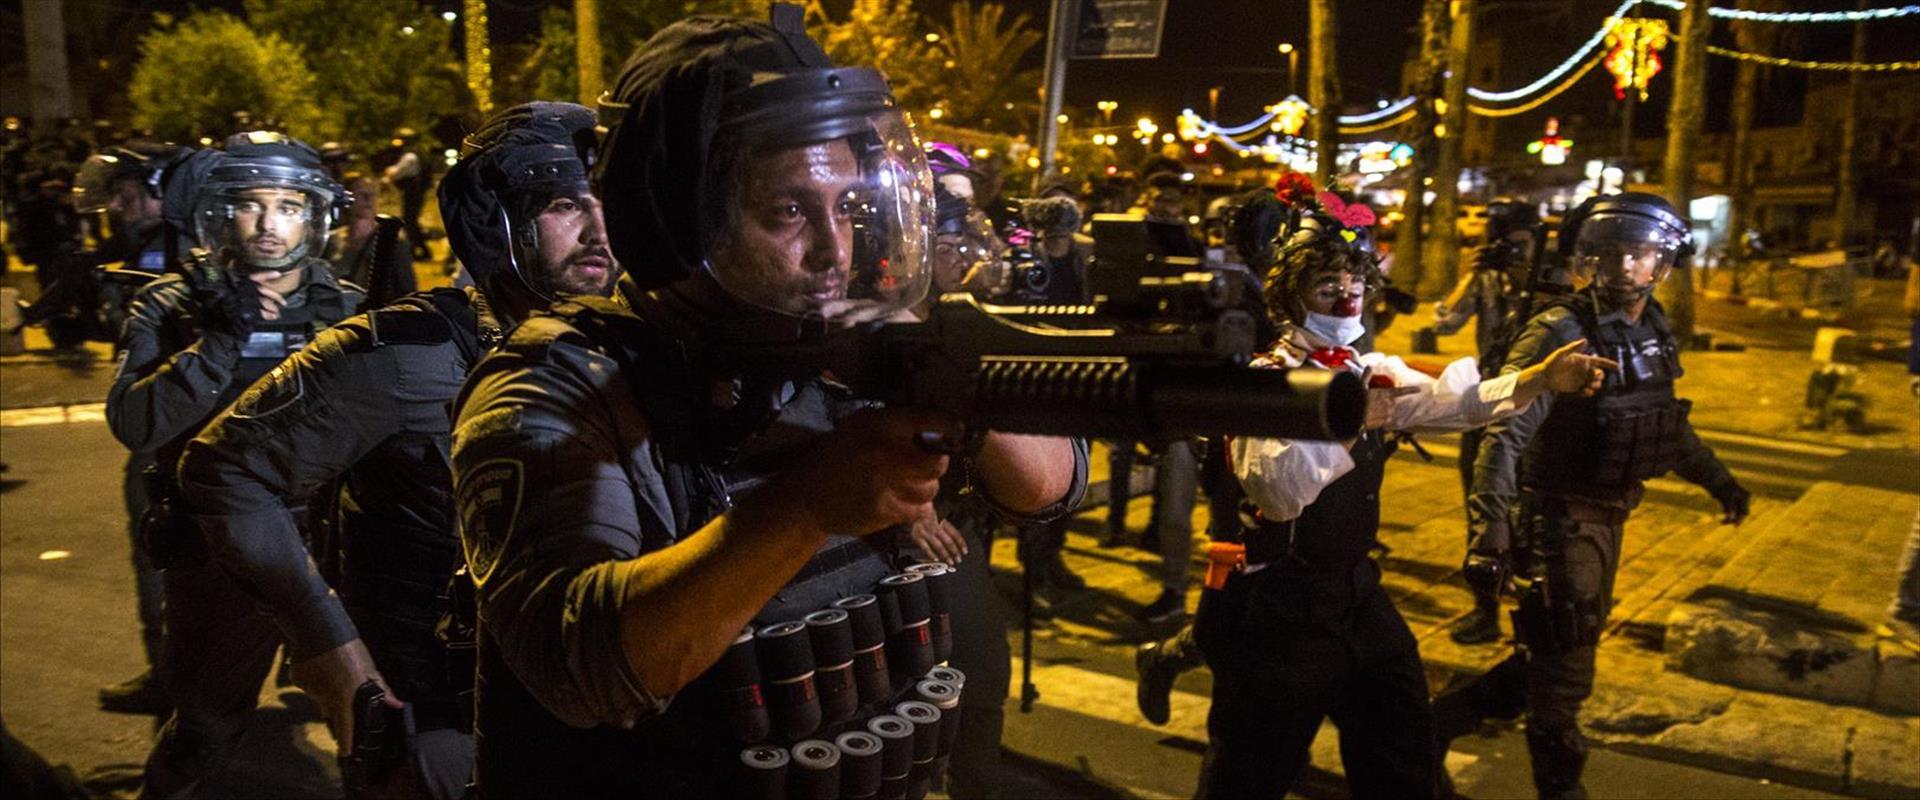 כוחות משטרה בעימותים בירושלים